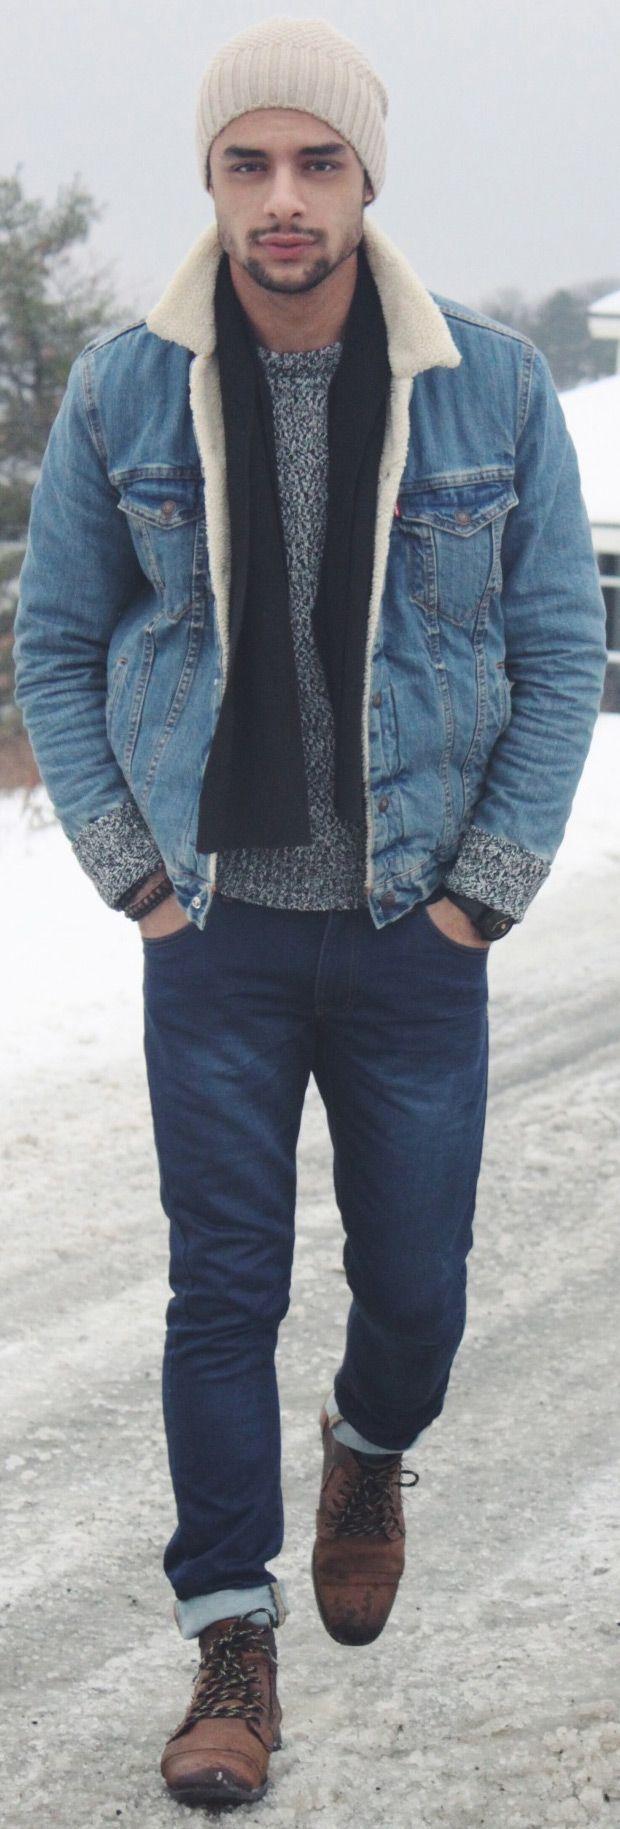 25+ bu00e4sta Cool clothes for men idu00e9erna pu00e5 Pinterest | Herroutfits Herrklu00e4der och Herrstilar